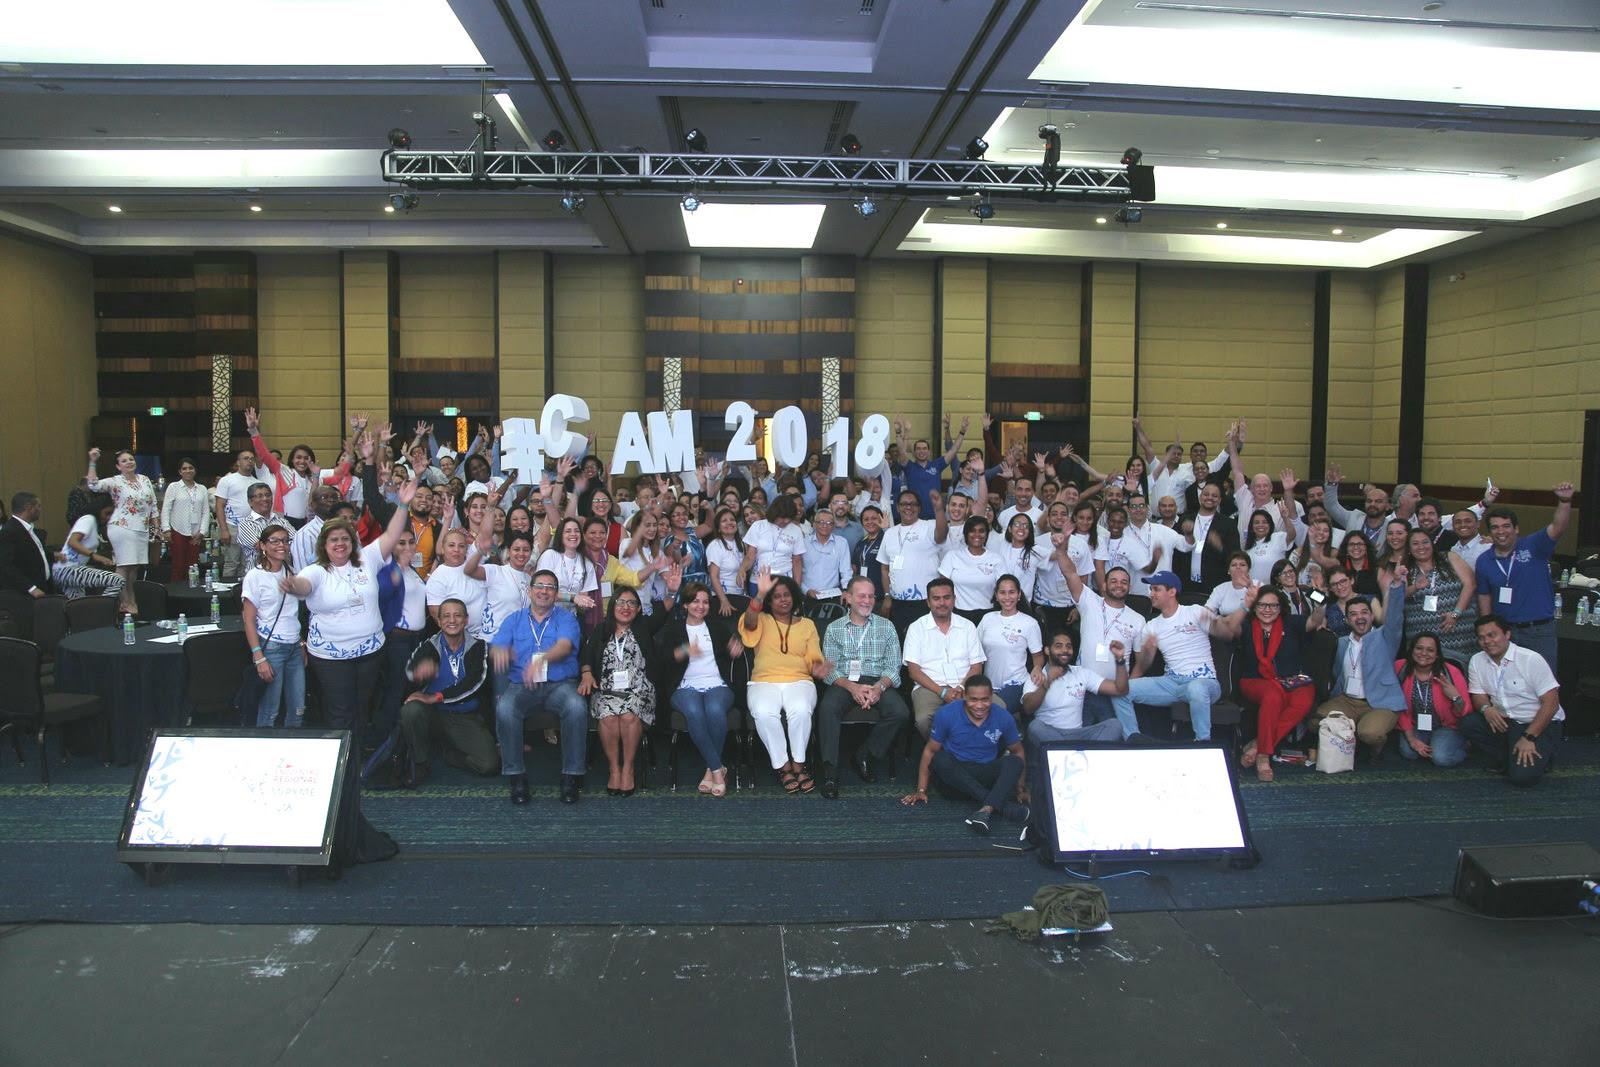 Concluye el Encuentro Regional de Centros de Atención MIPYME 2018; traspasan organización del evento a El Salvador